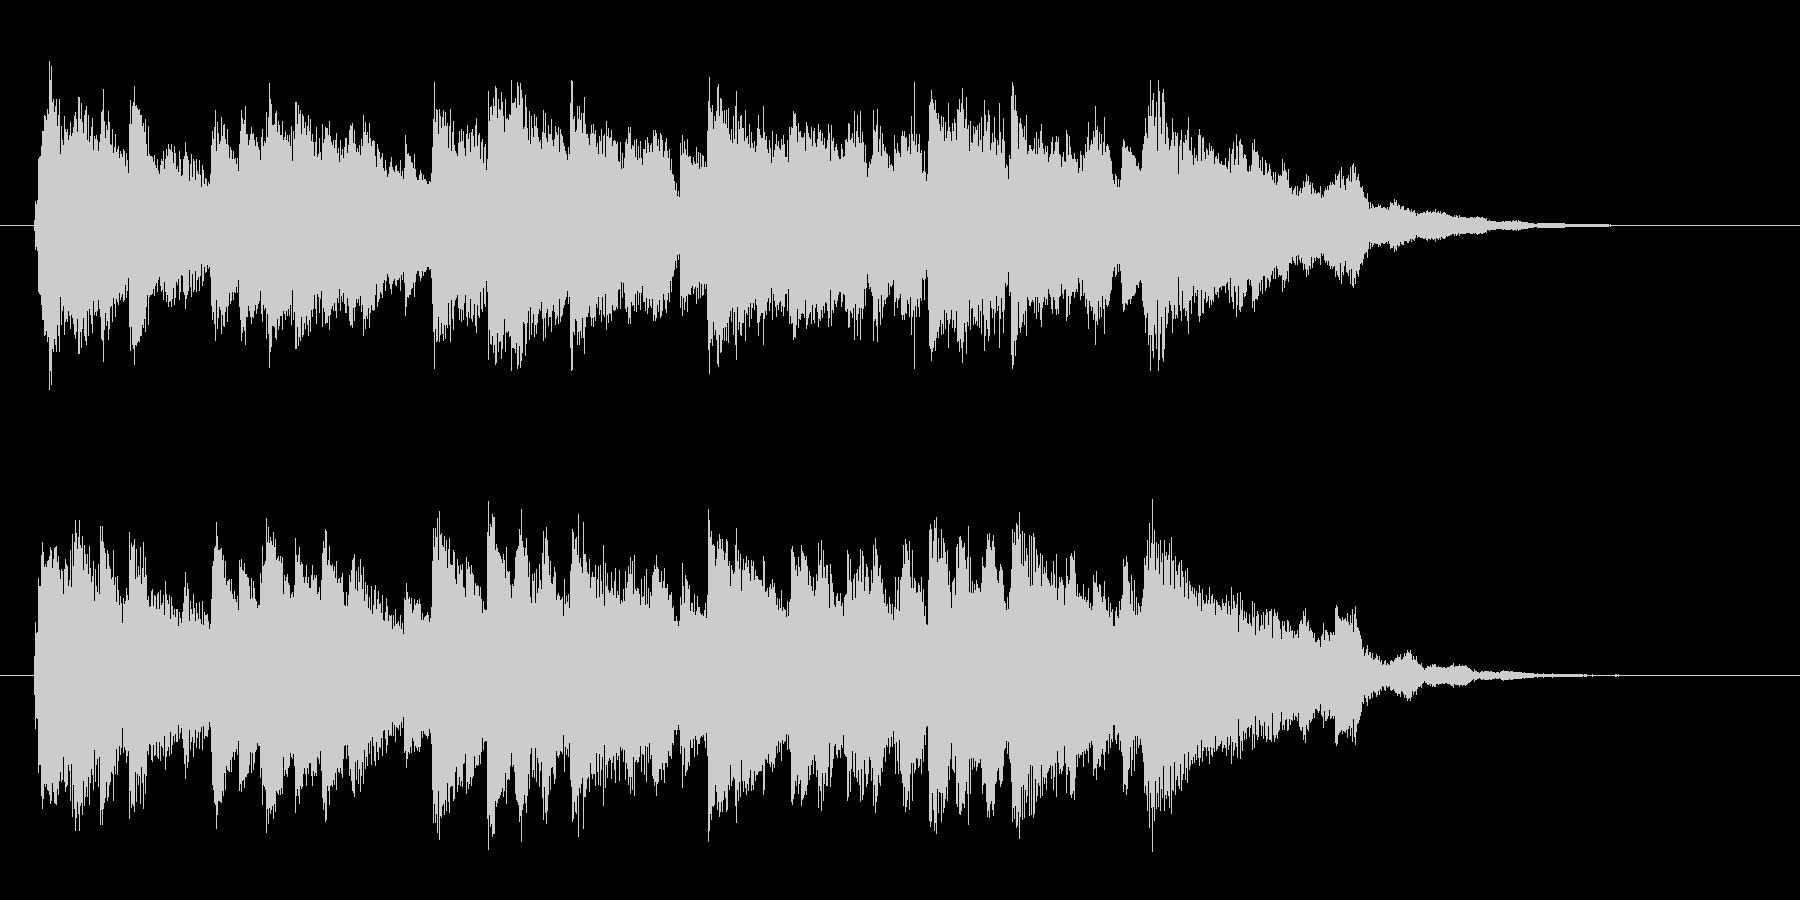 優しいピアノのジングル曲、サウンドロゴの未再生の波形